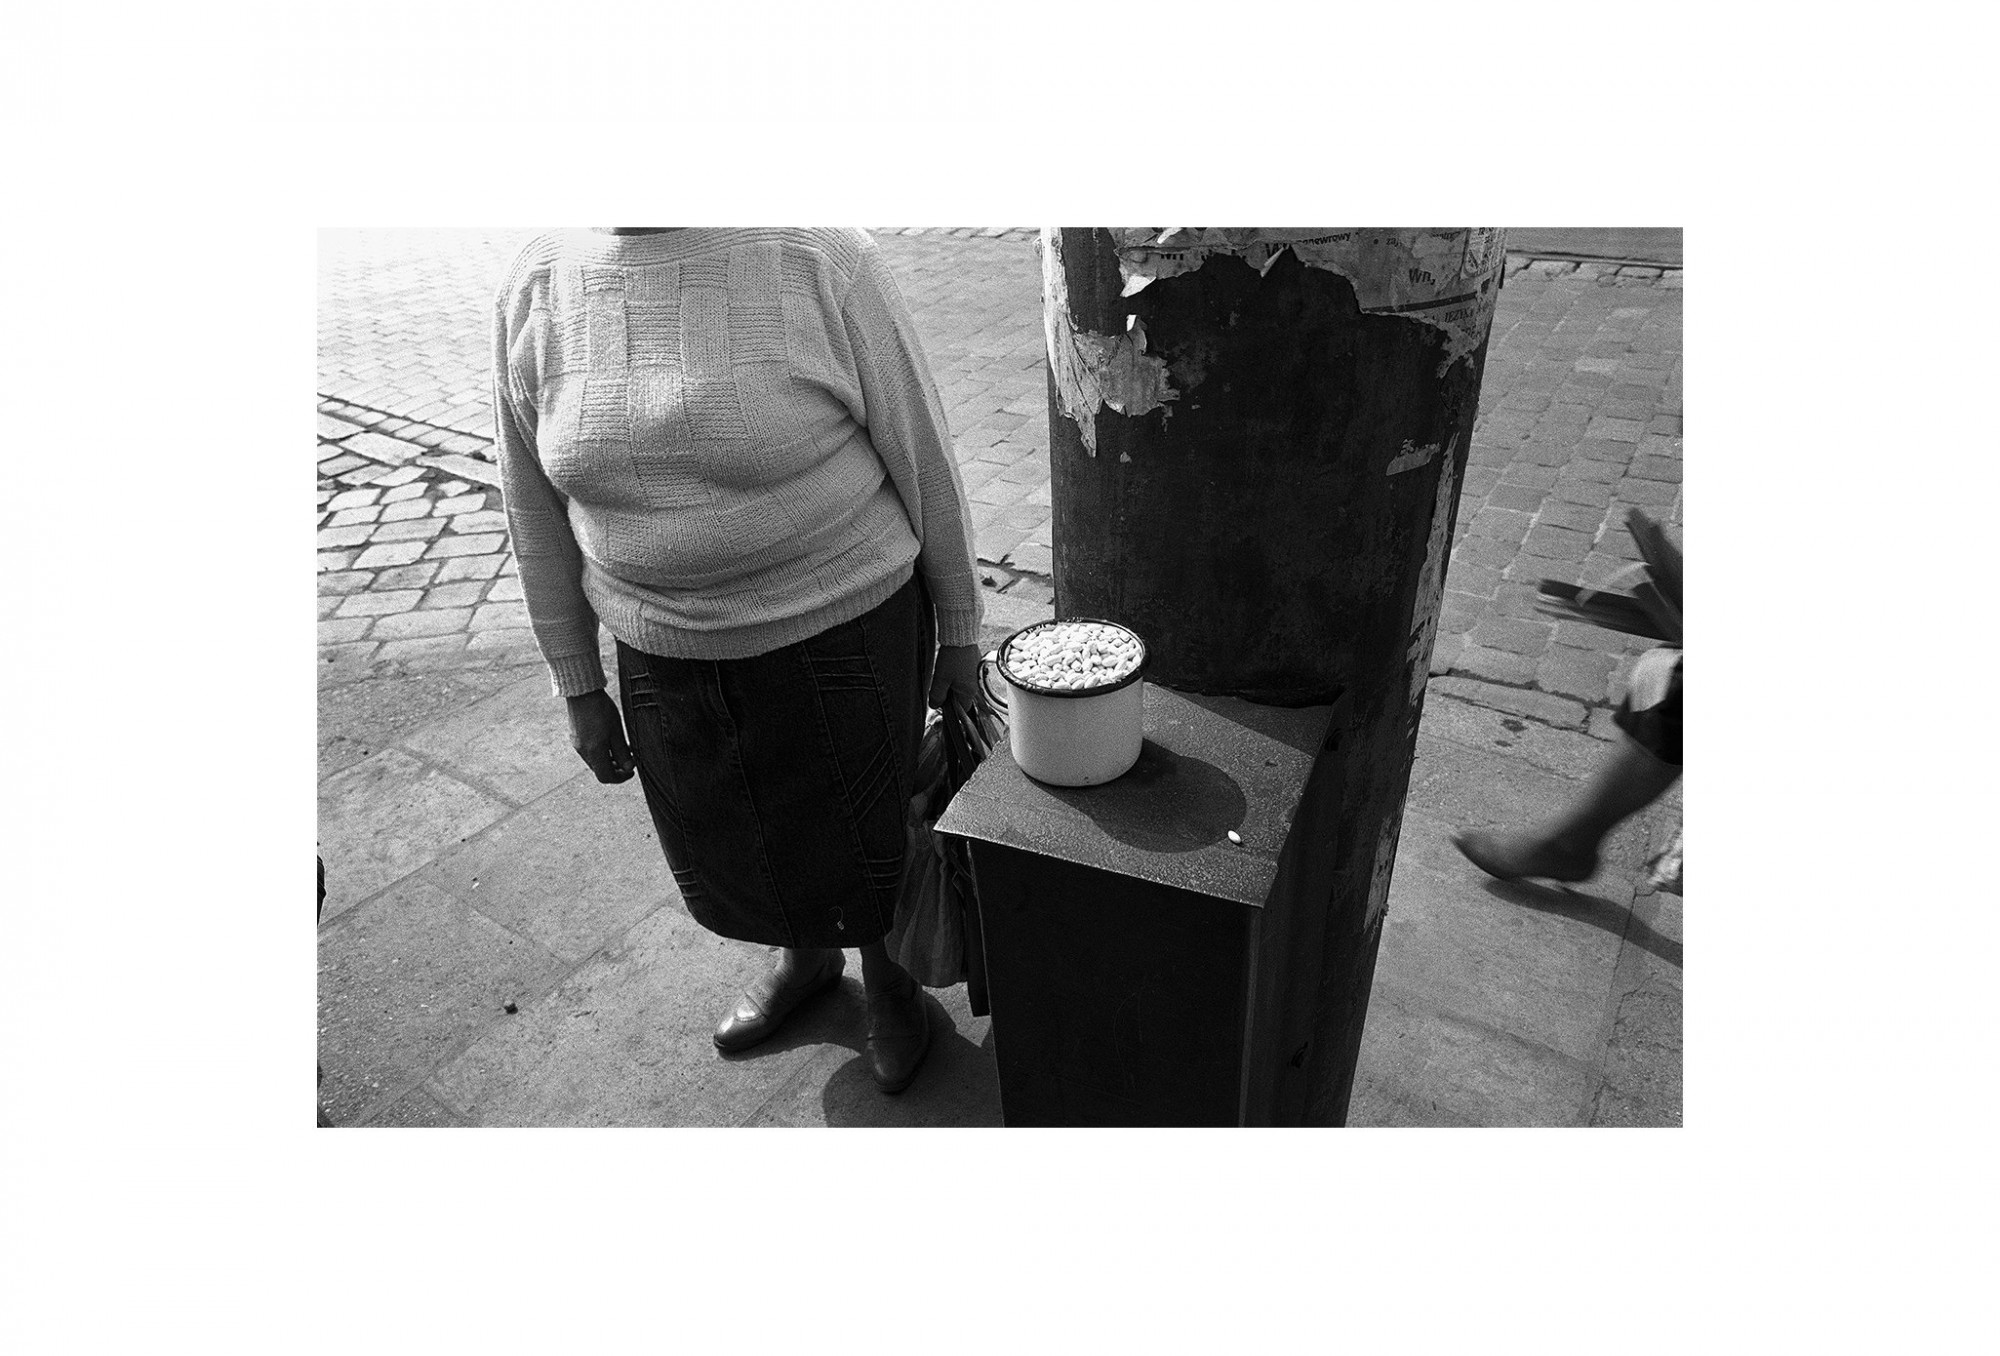 Afbeelding: Uit de reeks : Polen, een kast op glazen poten, 94-04-25,